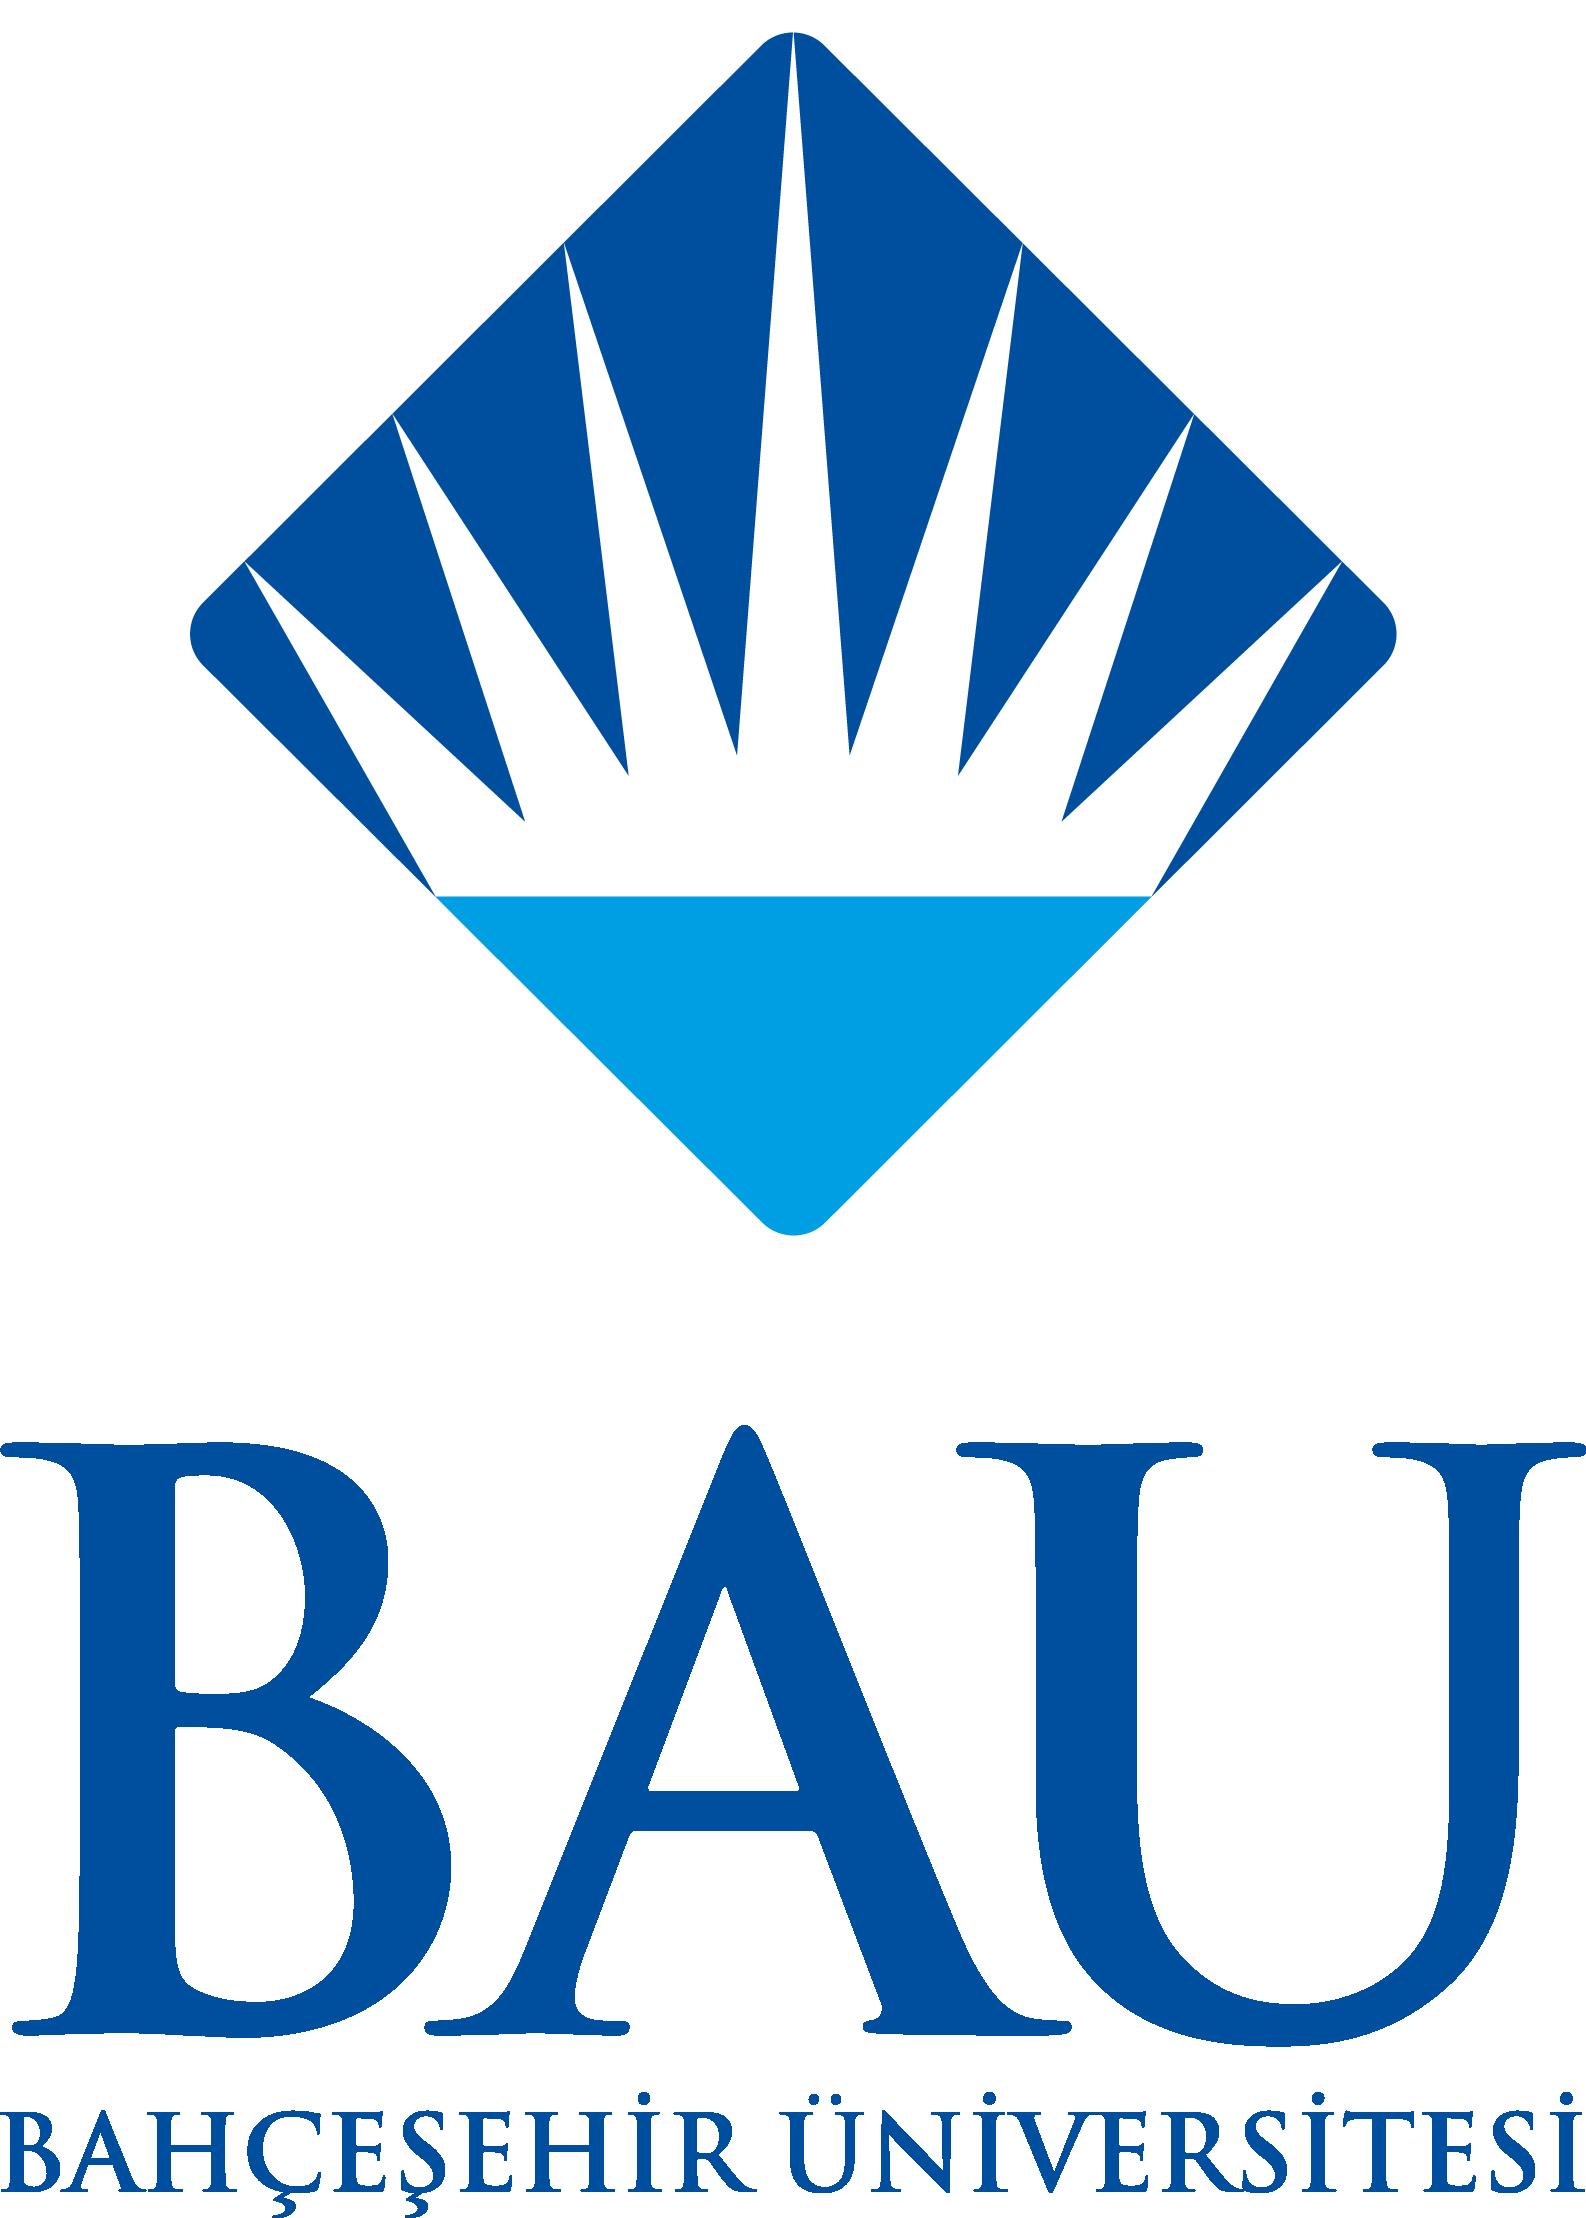 BAU u2013 Bahçeşehir Üniversitesi (İstanbul) Logo Vector [EPS File]